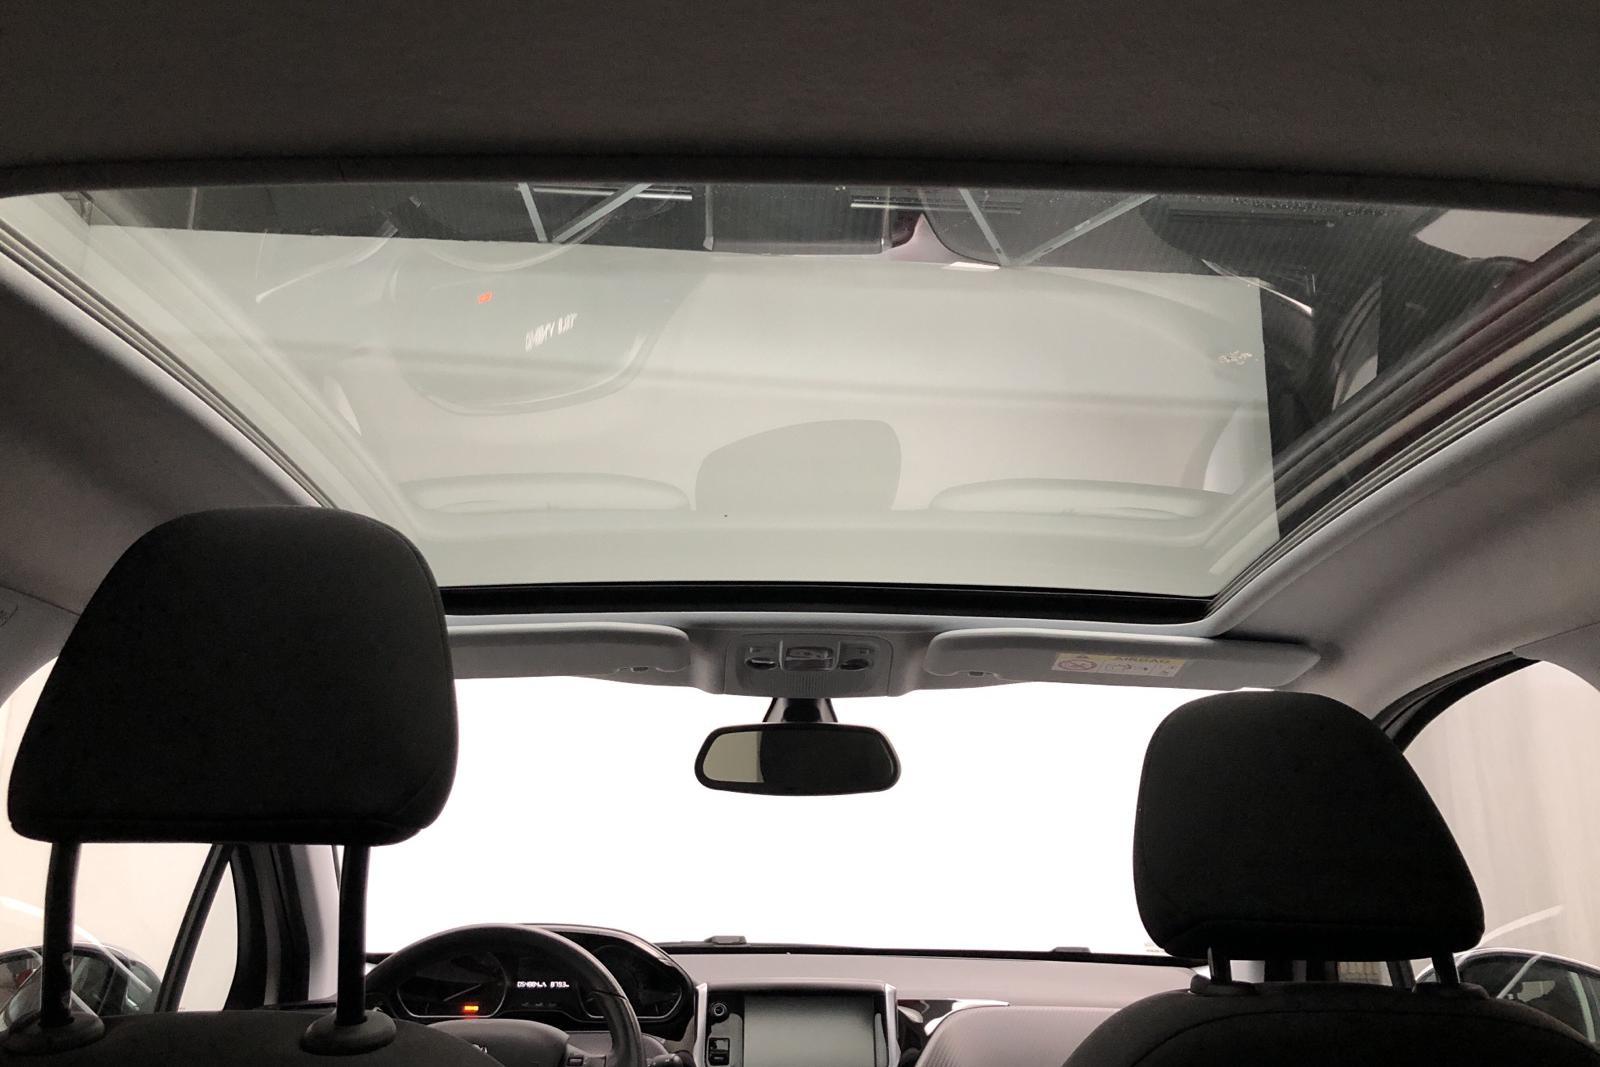 Peugeot 208 PureTech 5dr (82hk) - 5 488 mil - Manuell - vit - 2016